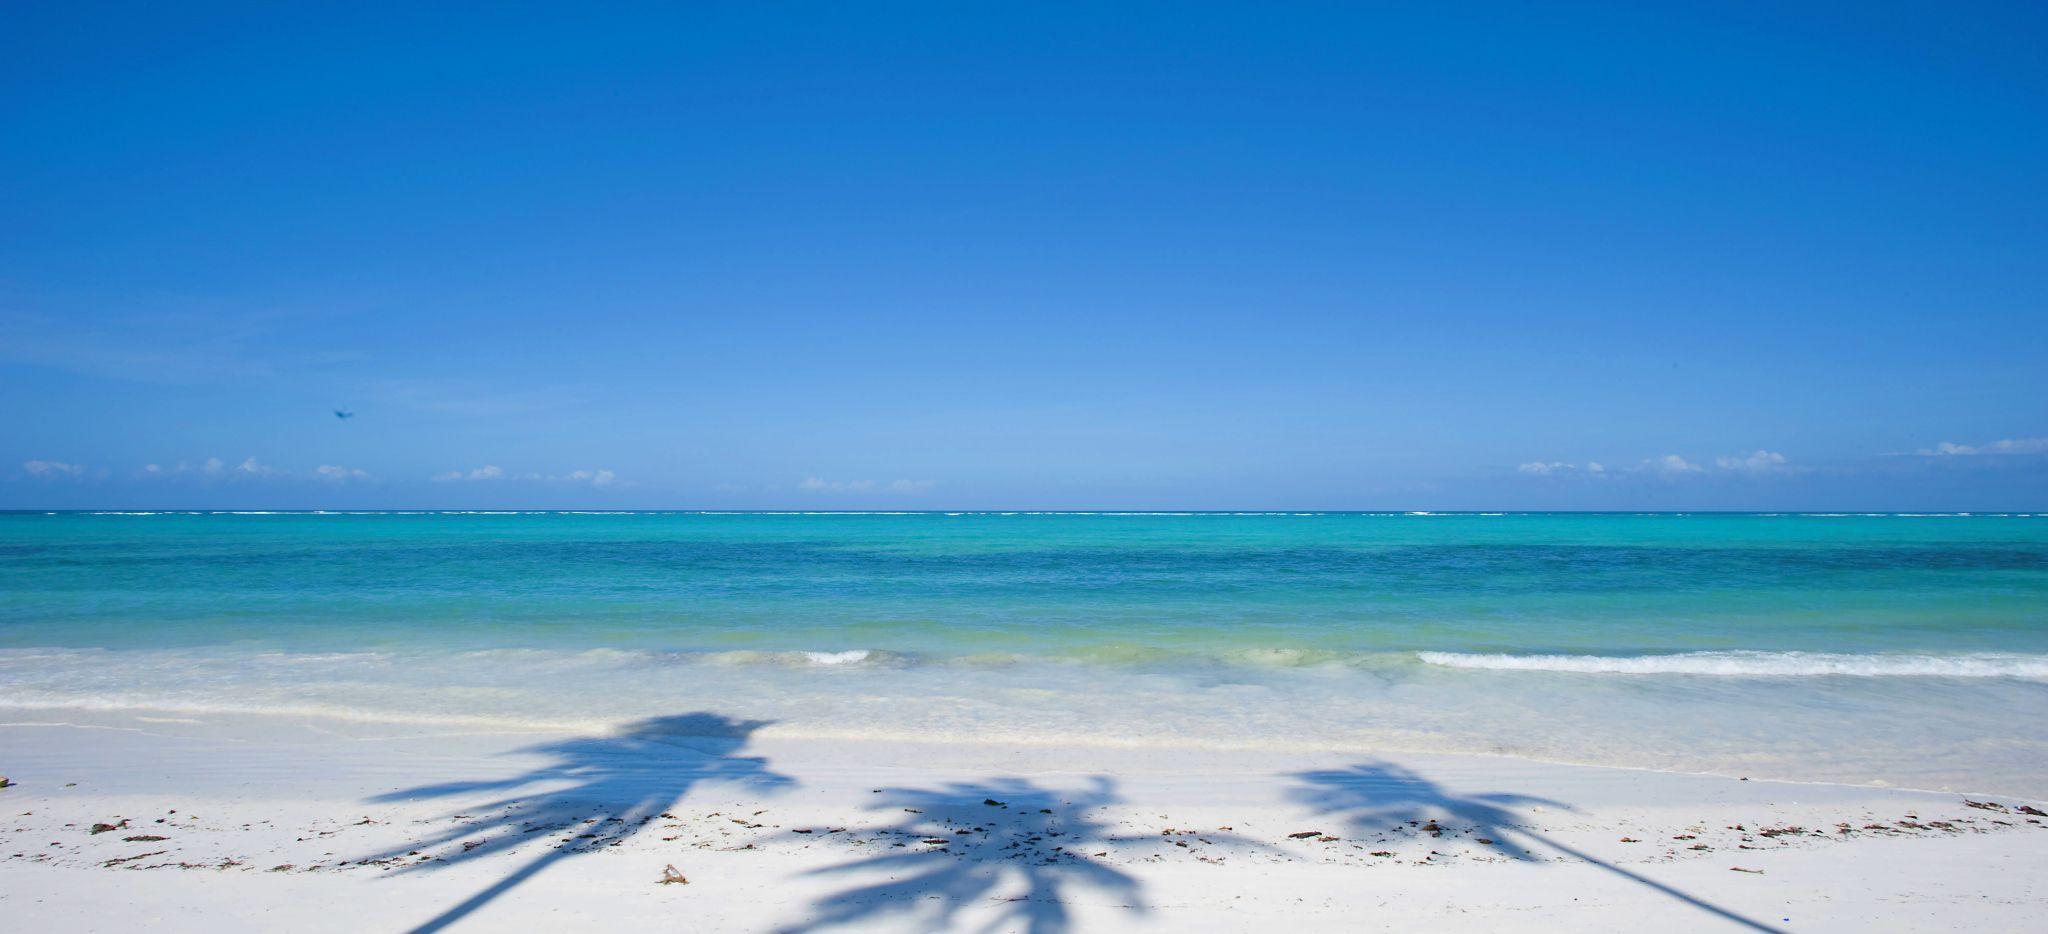 Ein Blick auf das Meer, im Sand die Schatten von Palmen